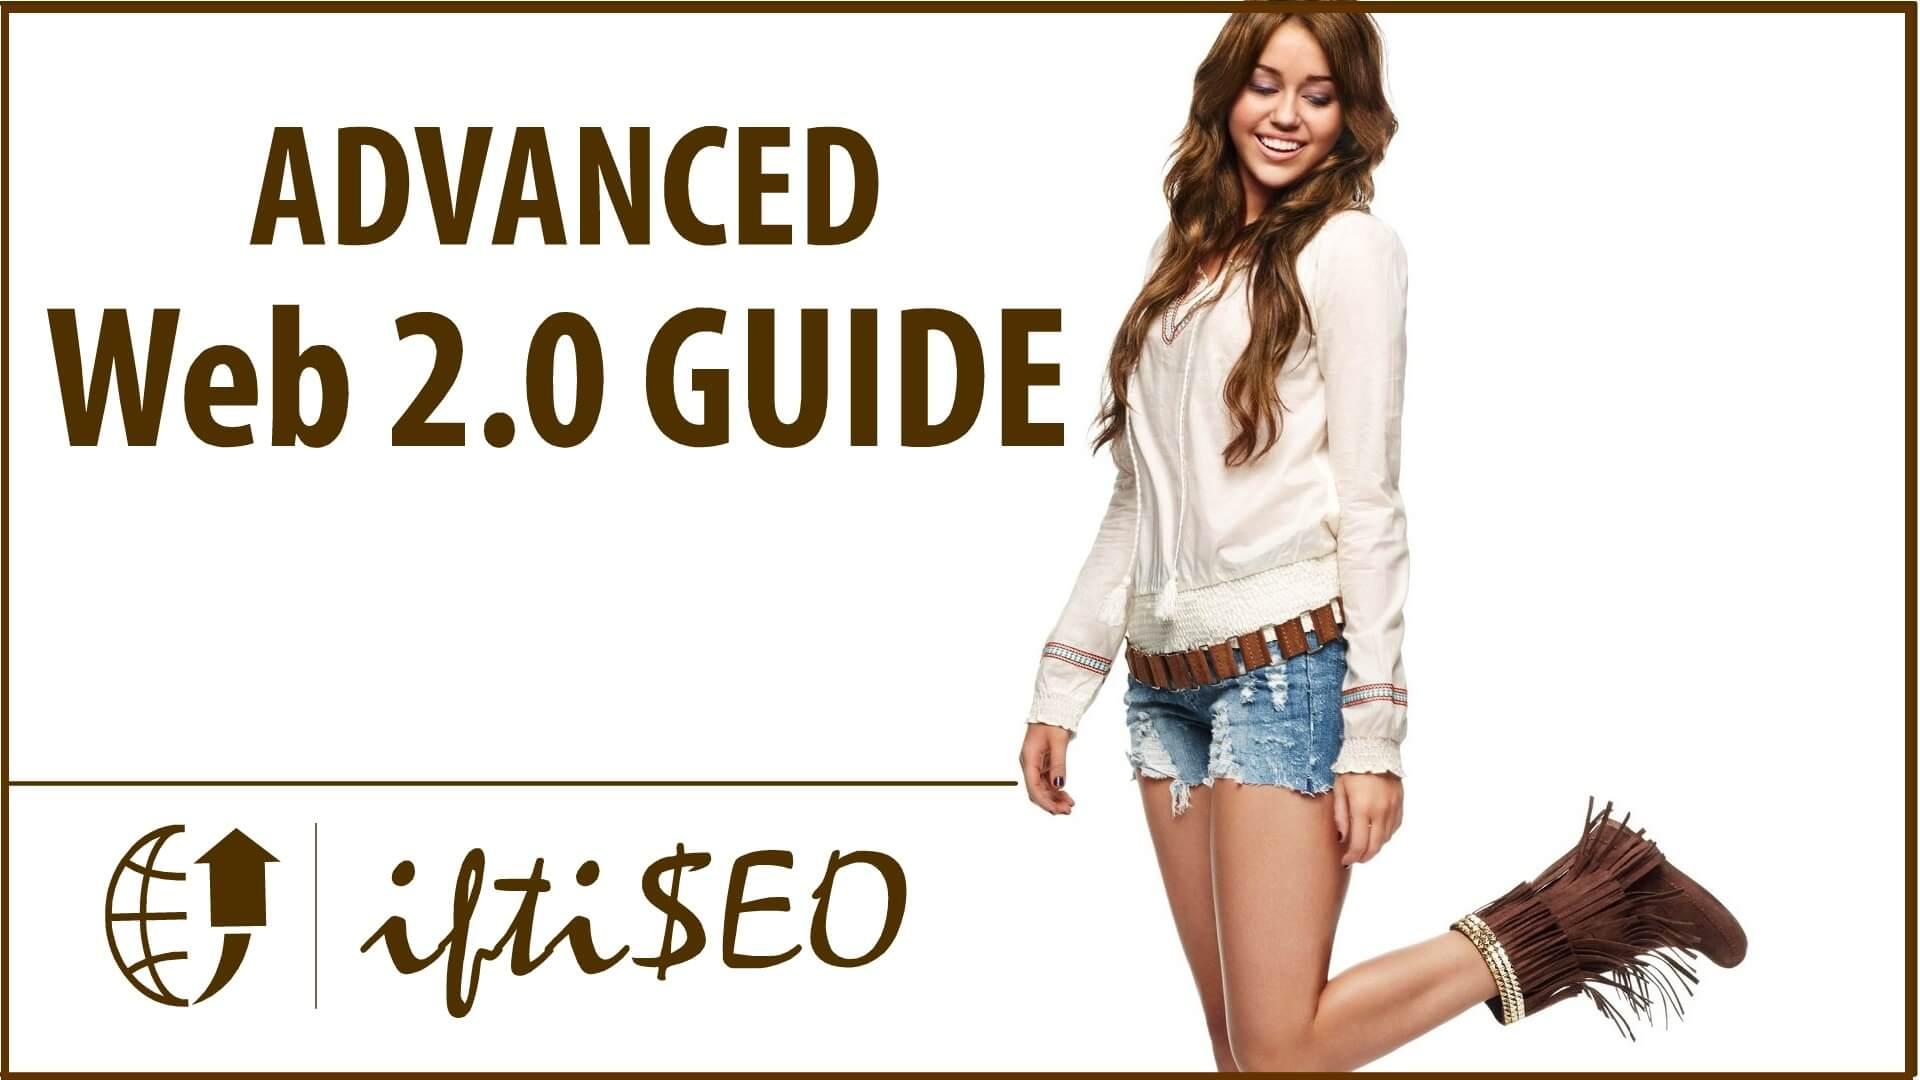 advanced web 2.0 guide